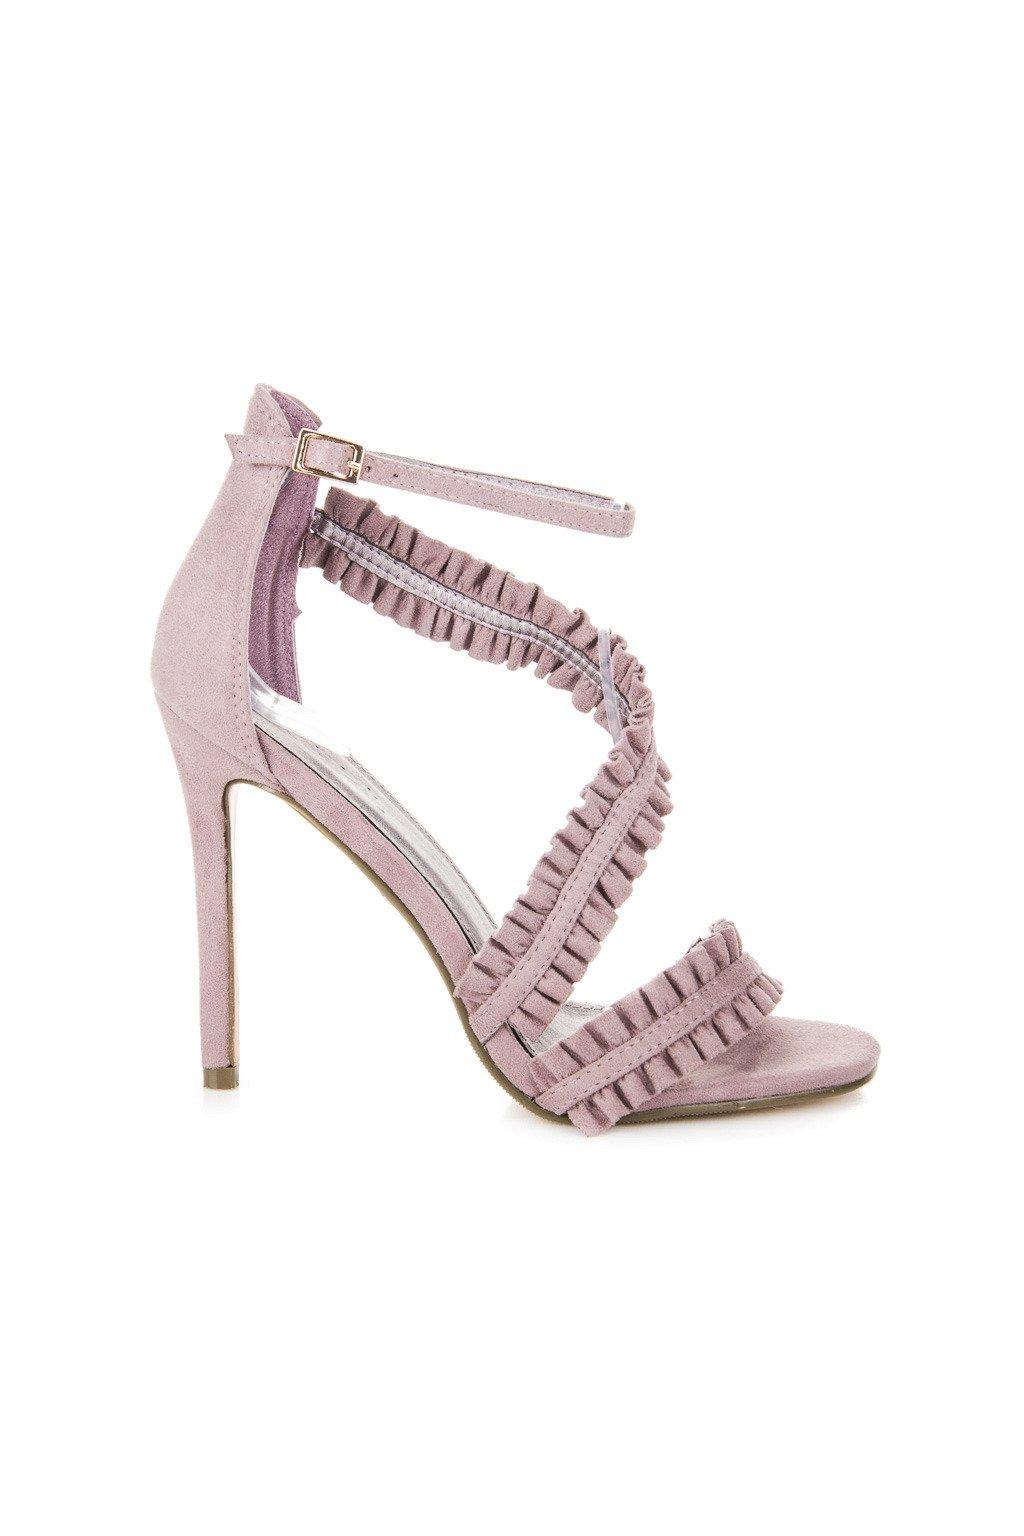 Fialové topánky na ihlovom podpätku Seastar kod LE045PU